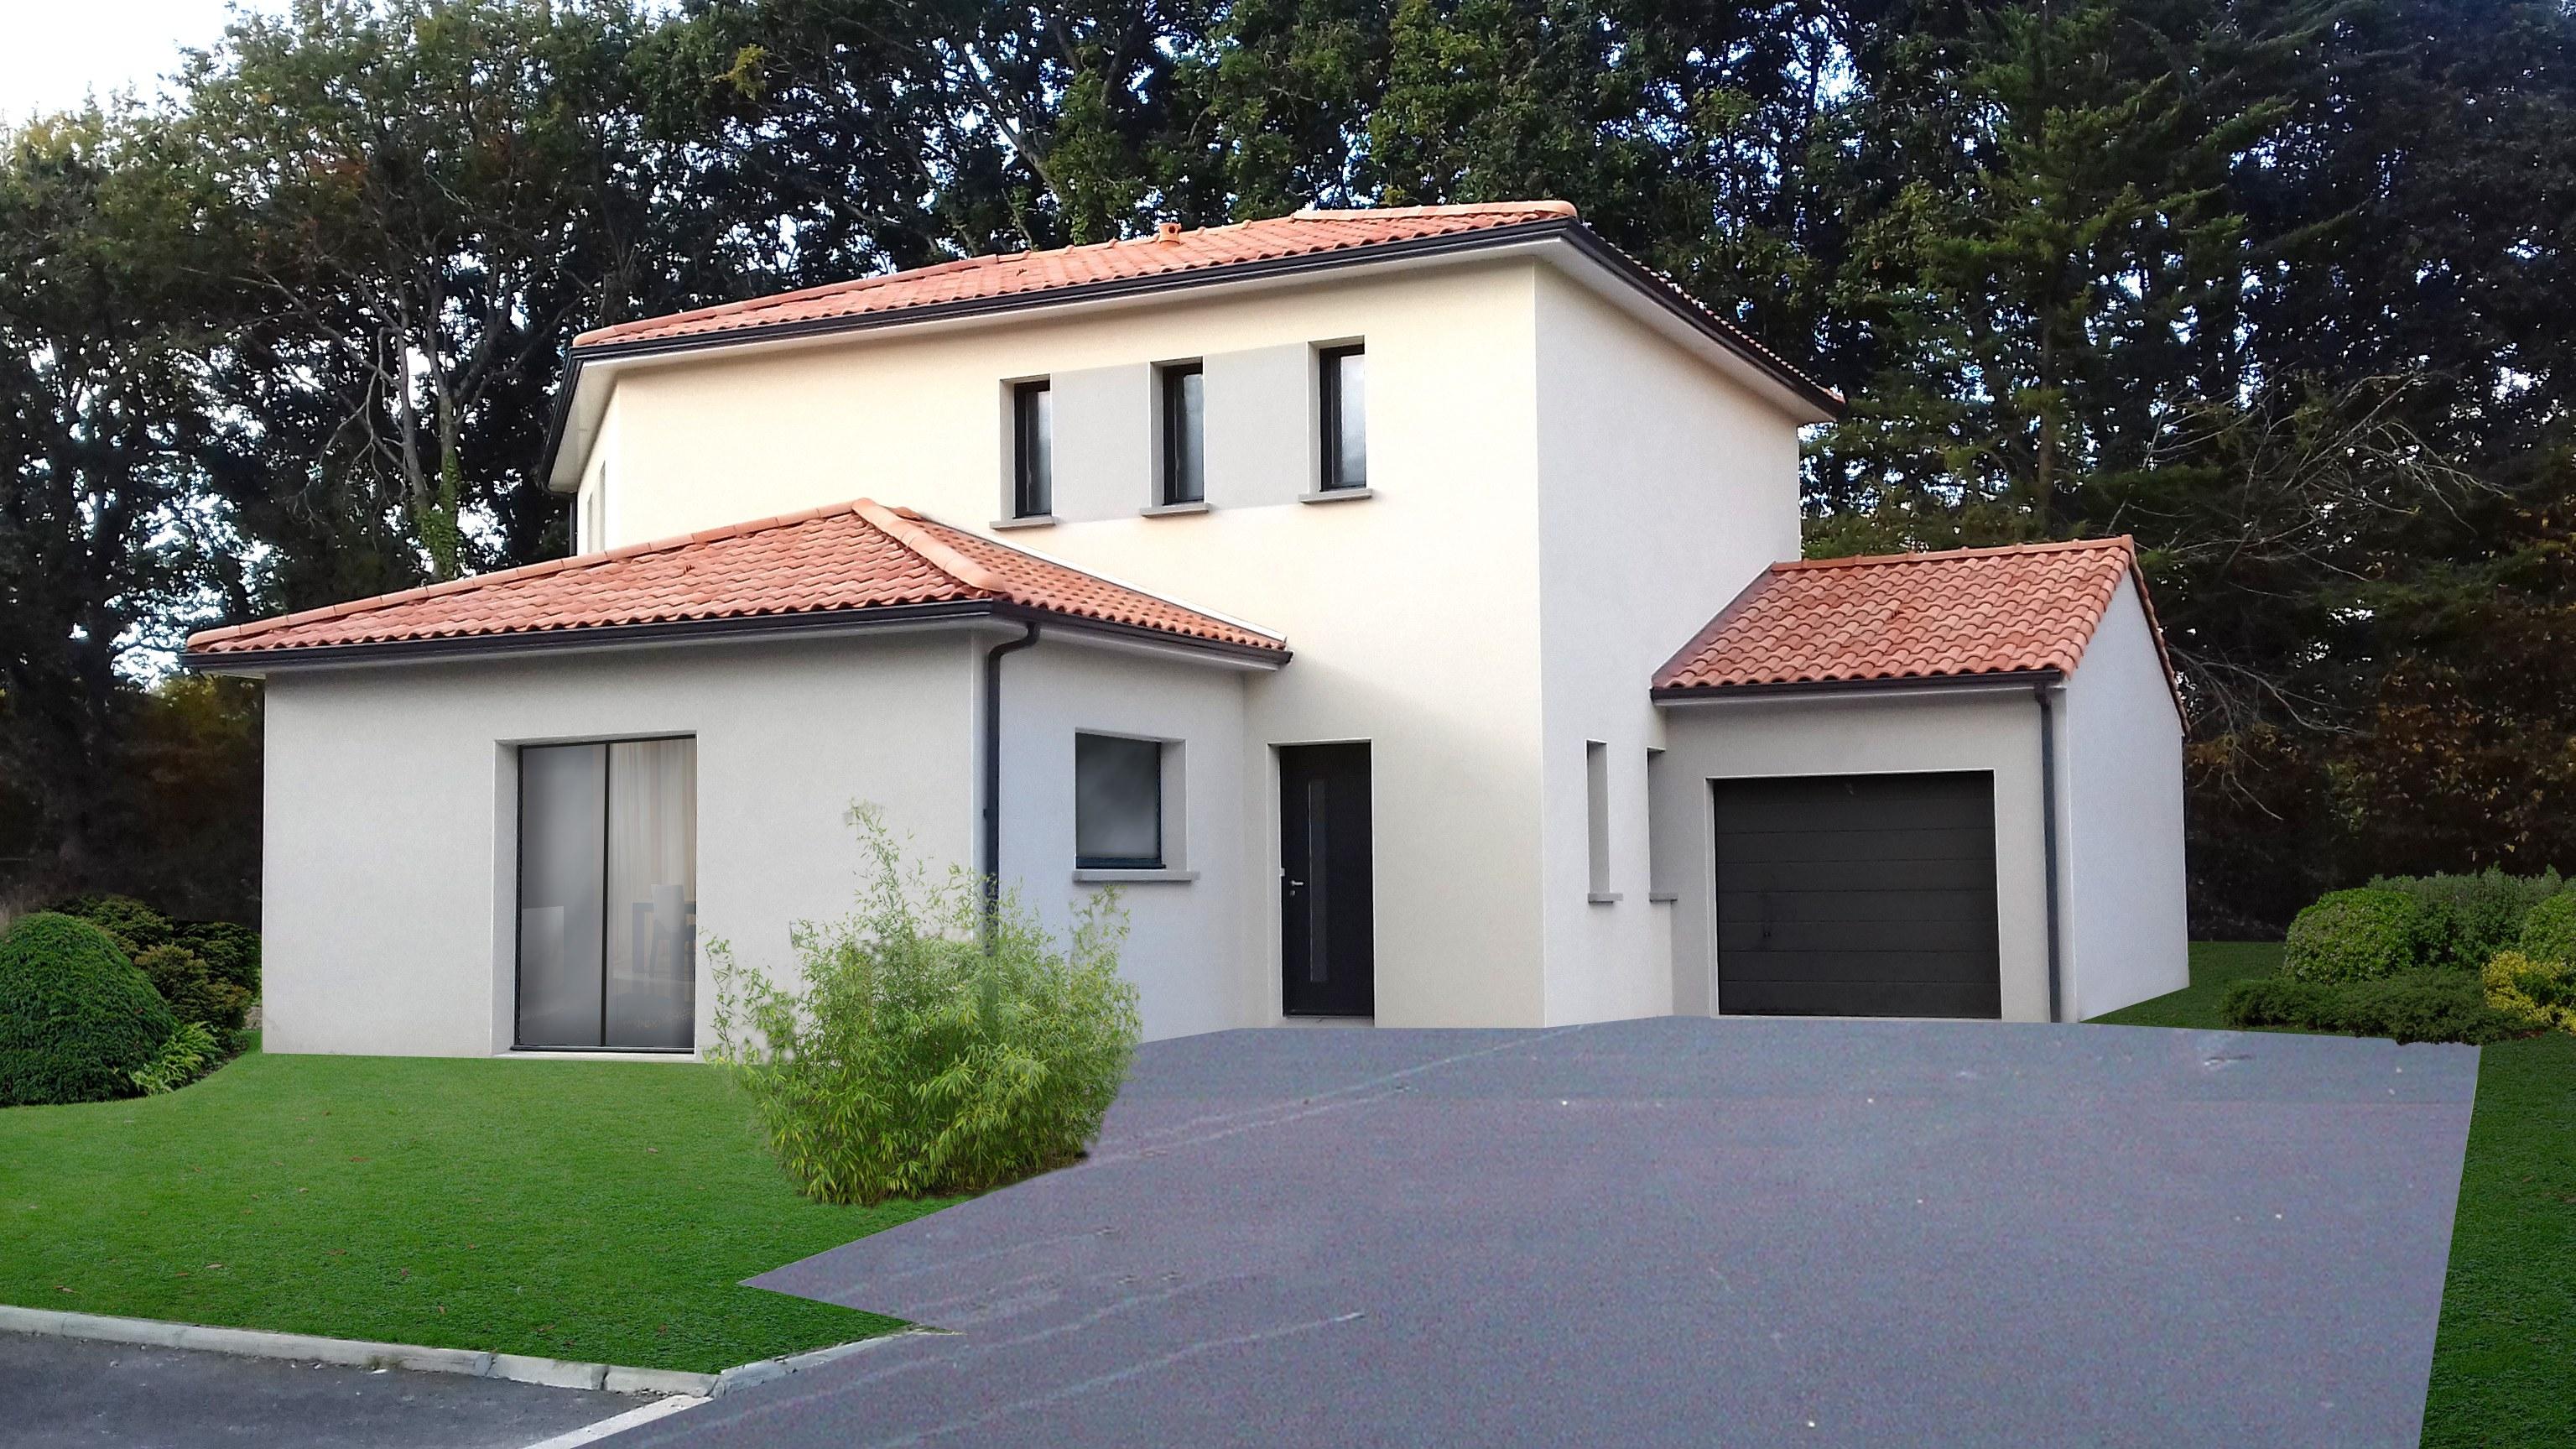 Maisons + Terrains du constructeur Maisons Phénix La-Roche-Sur-Yon • 117 m² • DOMPIERRE SUR YON